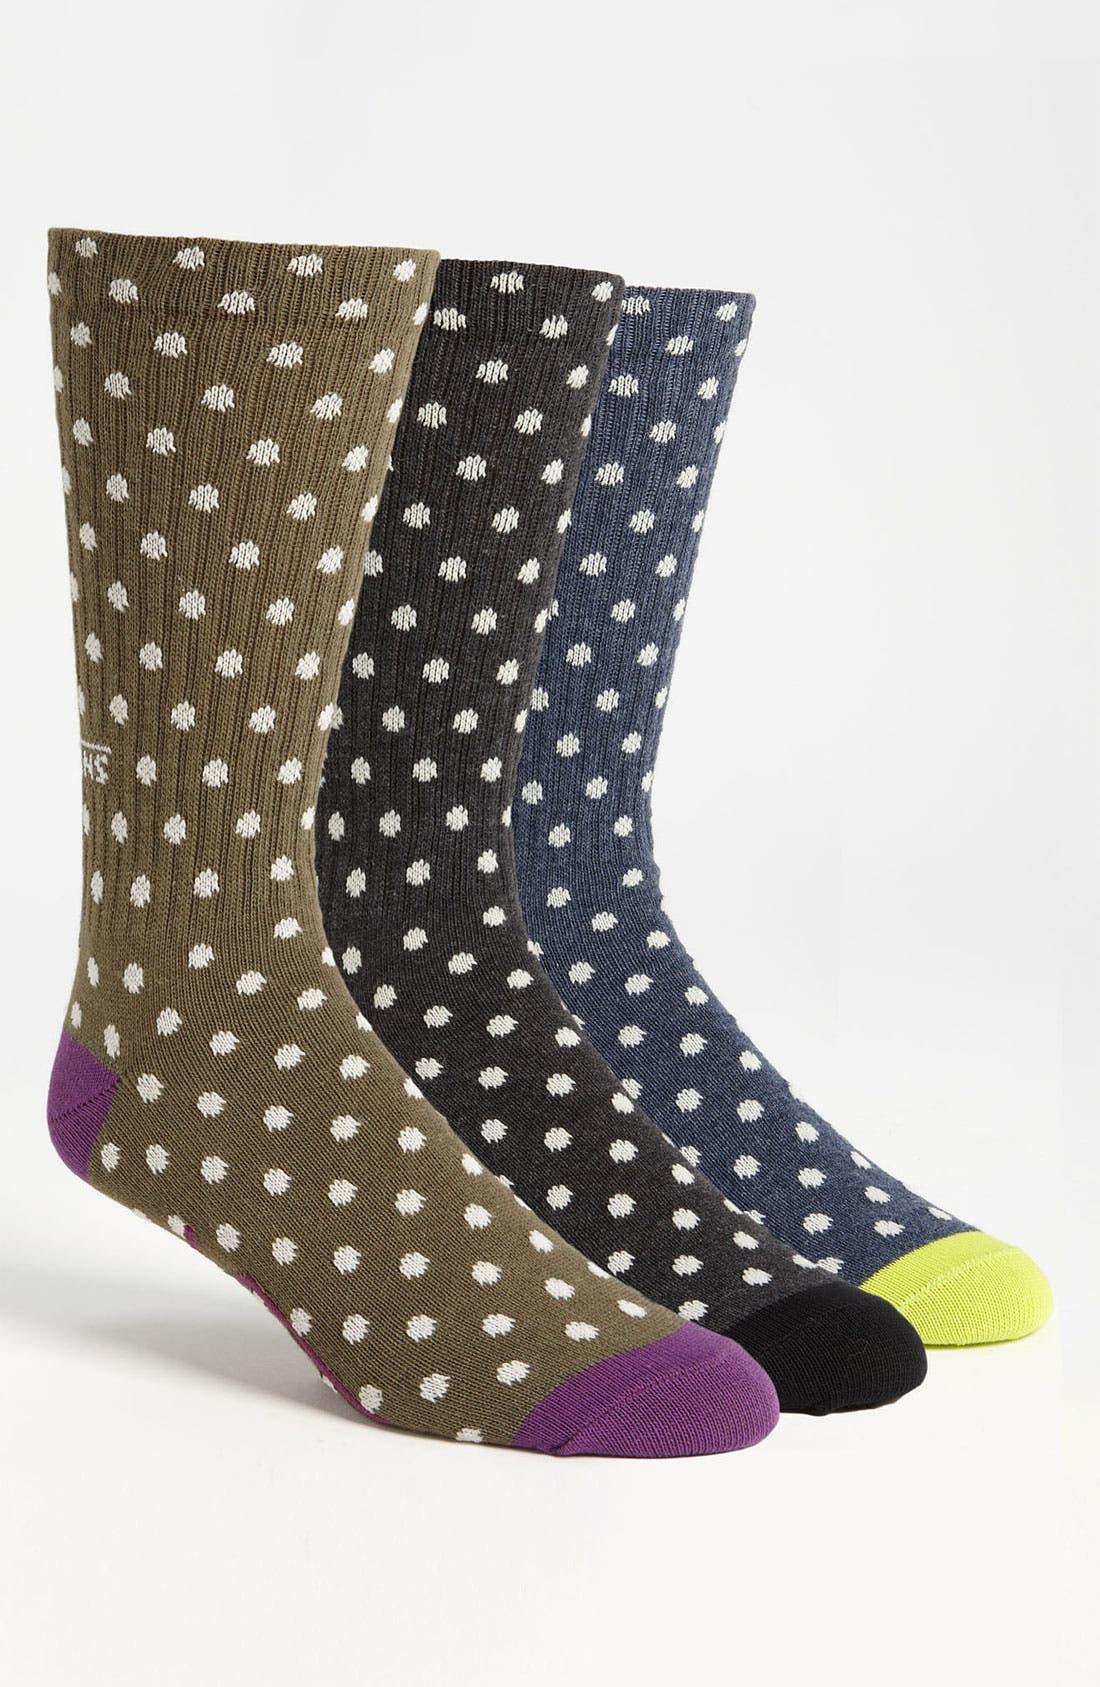 Alternate Image 1 Selected - Vans Polka Dot Crew Socks (3-Pack)